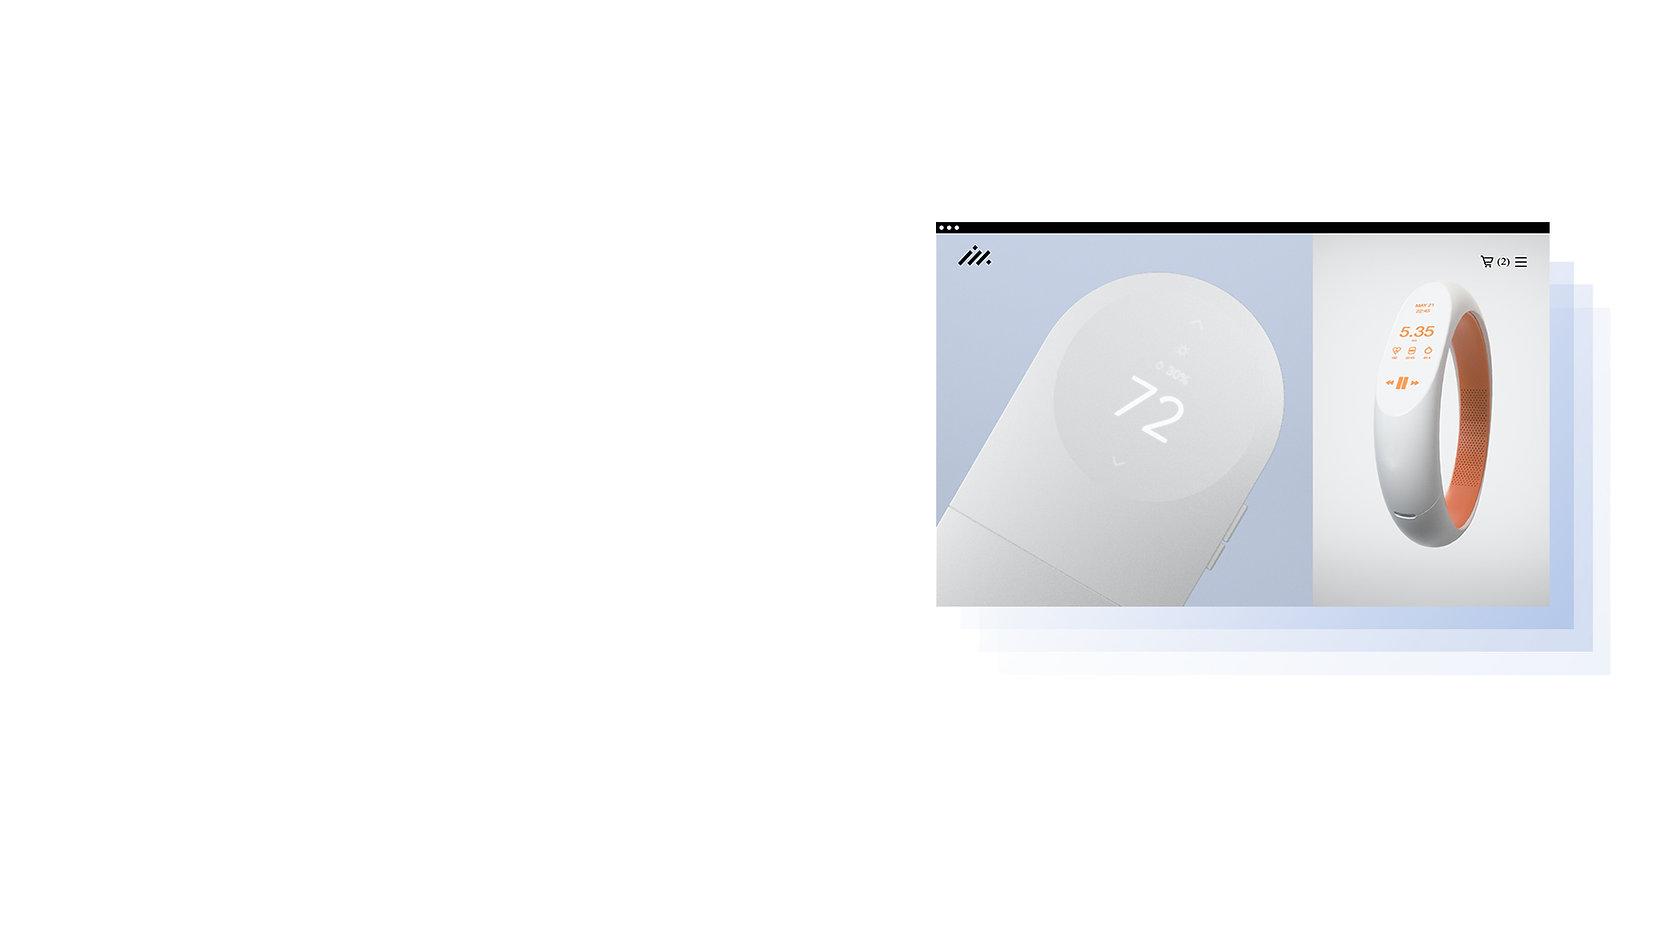 Wix Uzmanı olan bir ajans tarafından oluşturulan teknoloji ürünü markası projesi.